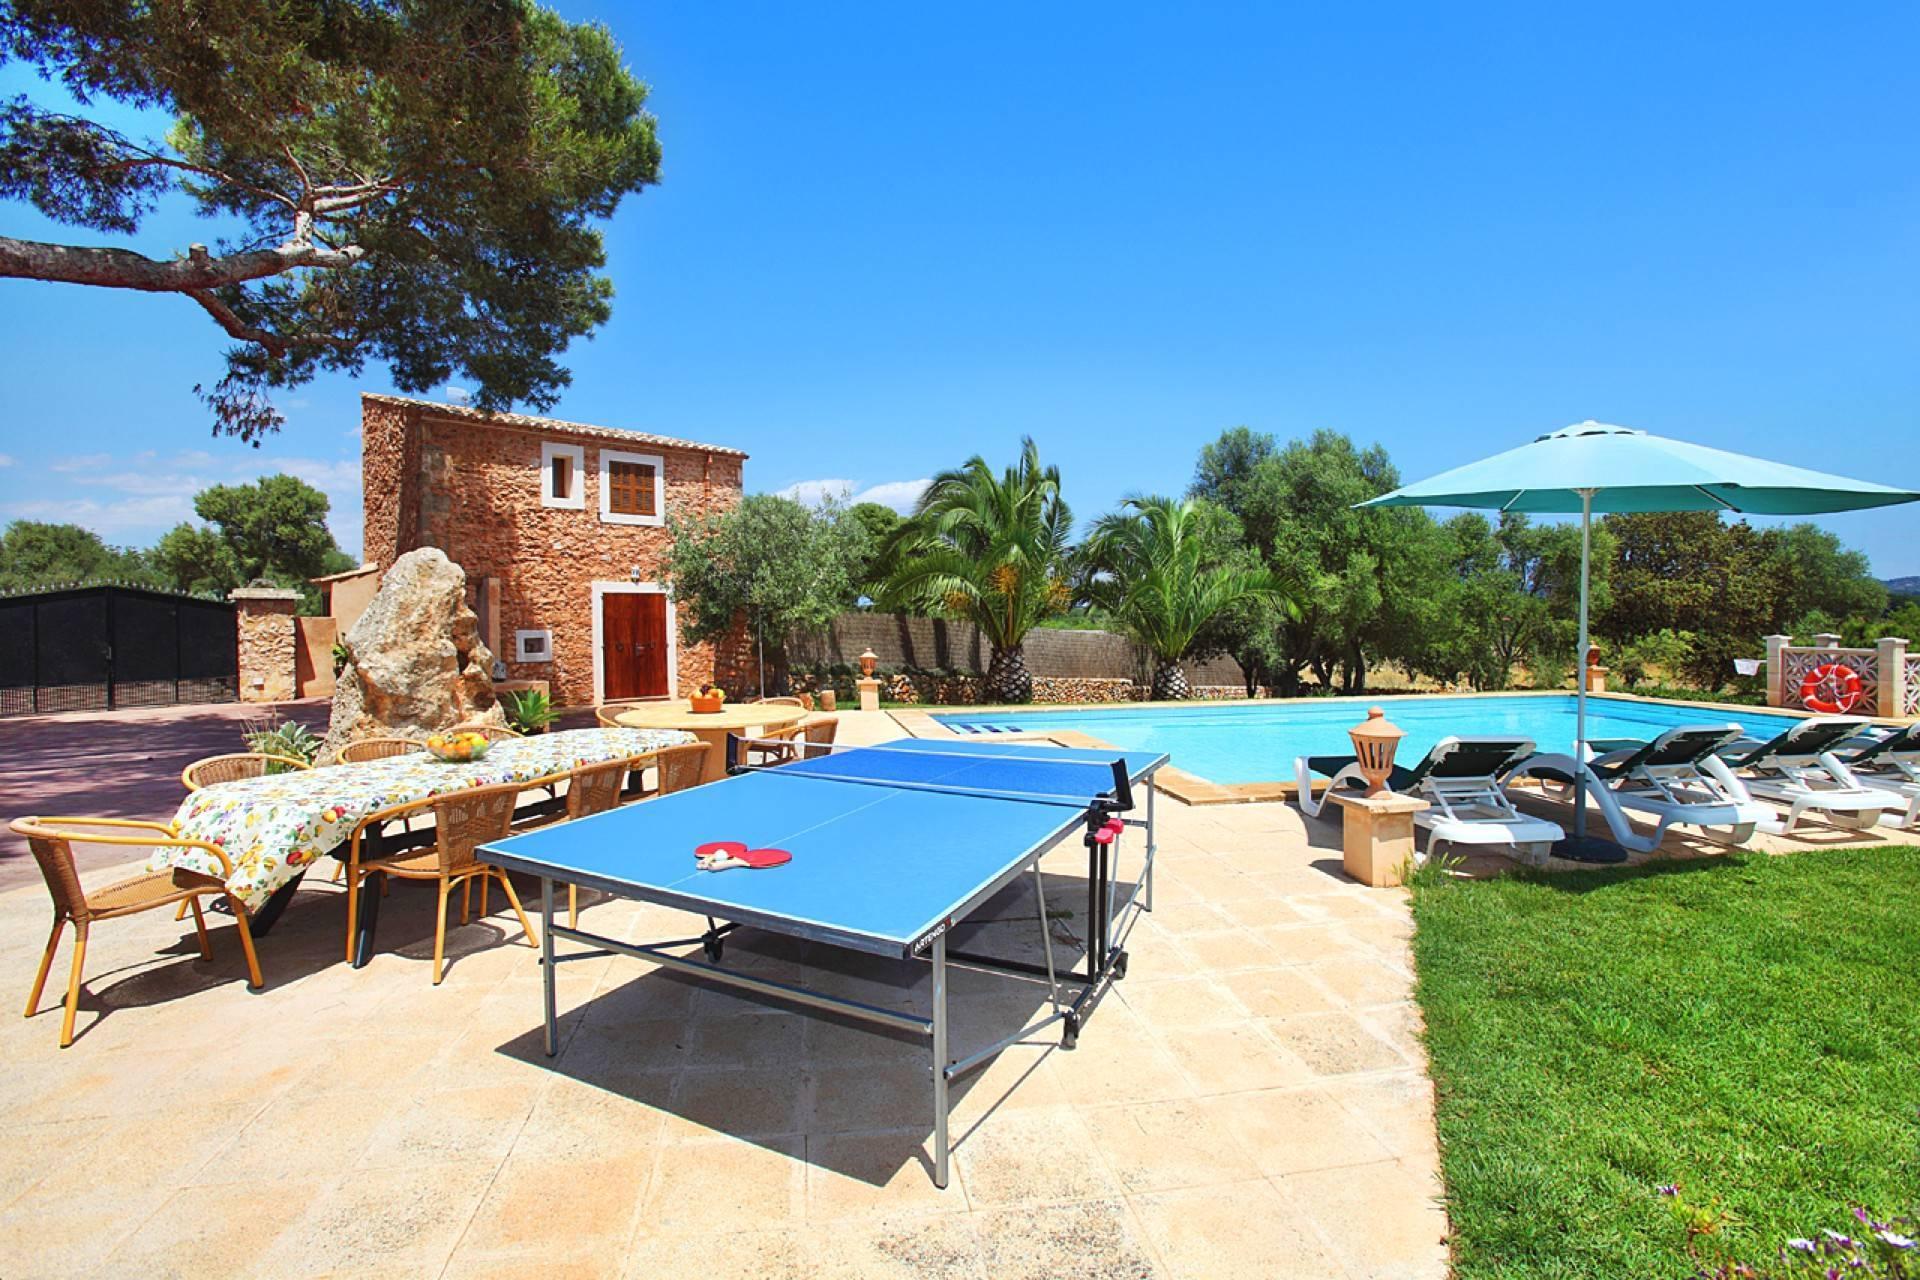 01-142 Rustikales Bauernhaus Mallorca Osten Bild 4